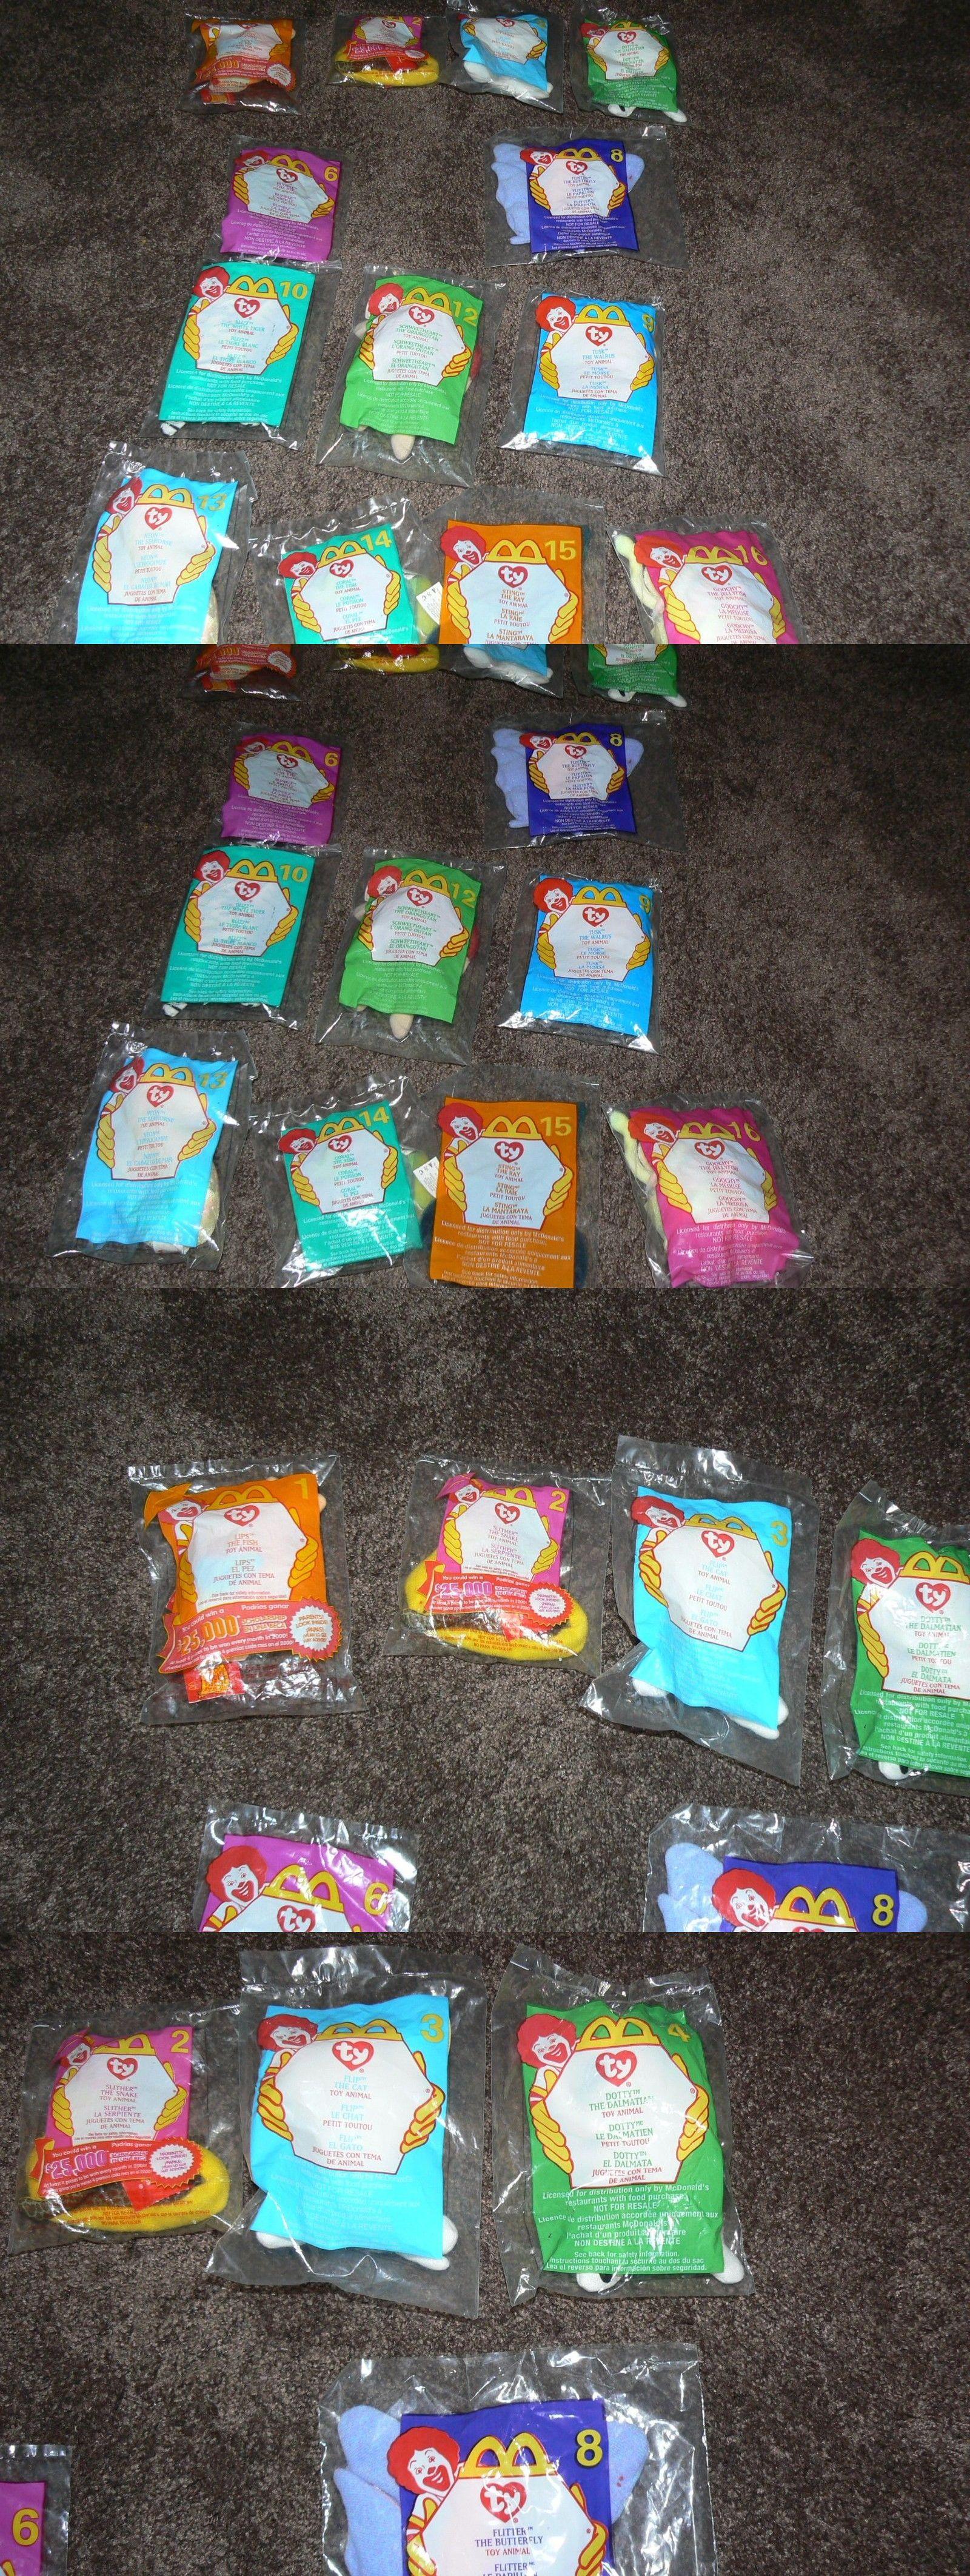 7e38228300a Teenie Beanies 441  Mcdonald S Teenie Beanie Babies In Original  Packaging-13- 2000